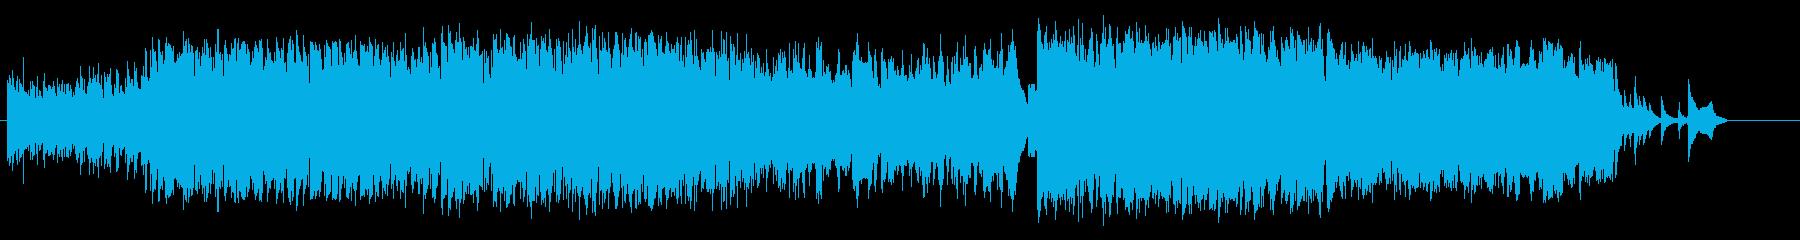 ロマン溢れる壮大なBG/ドキュメントの再生済みの波形